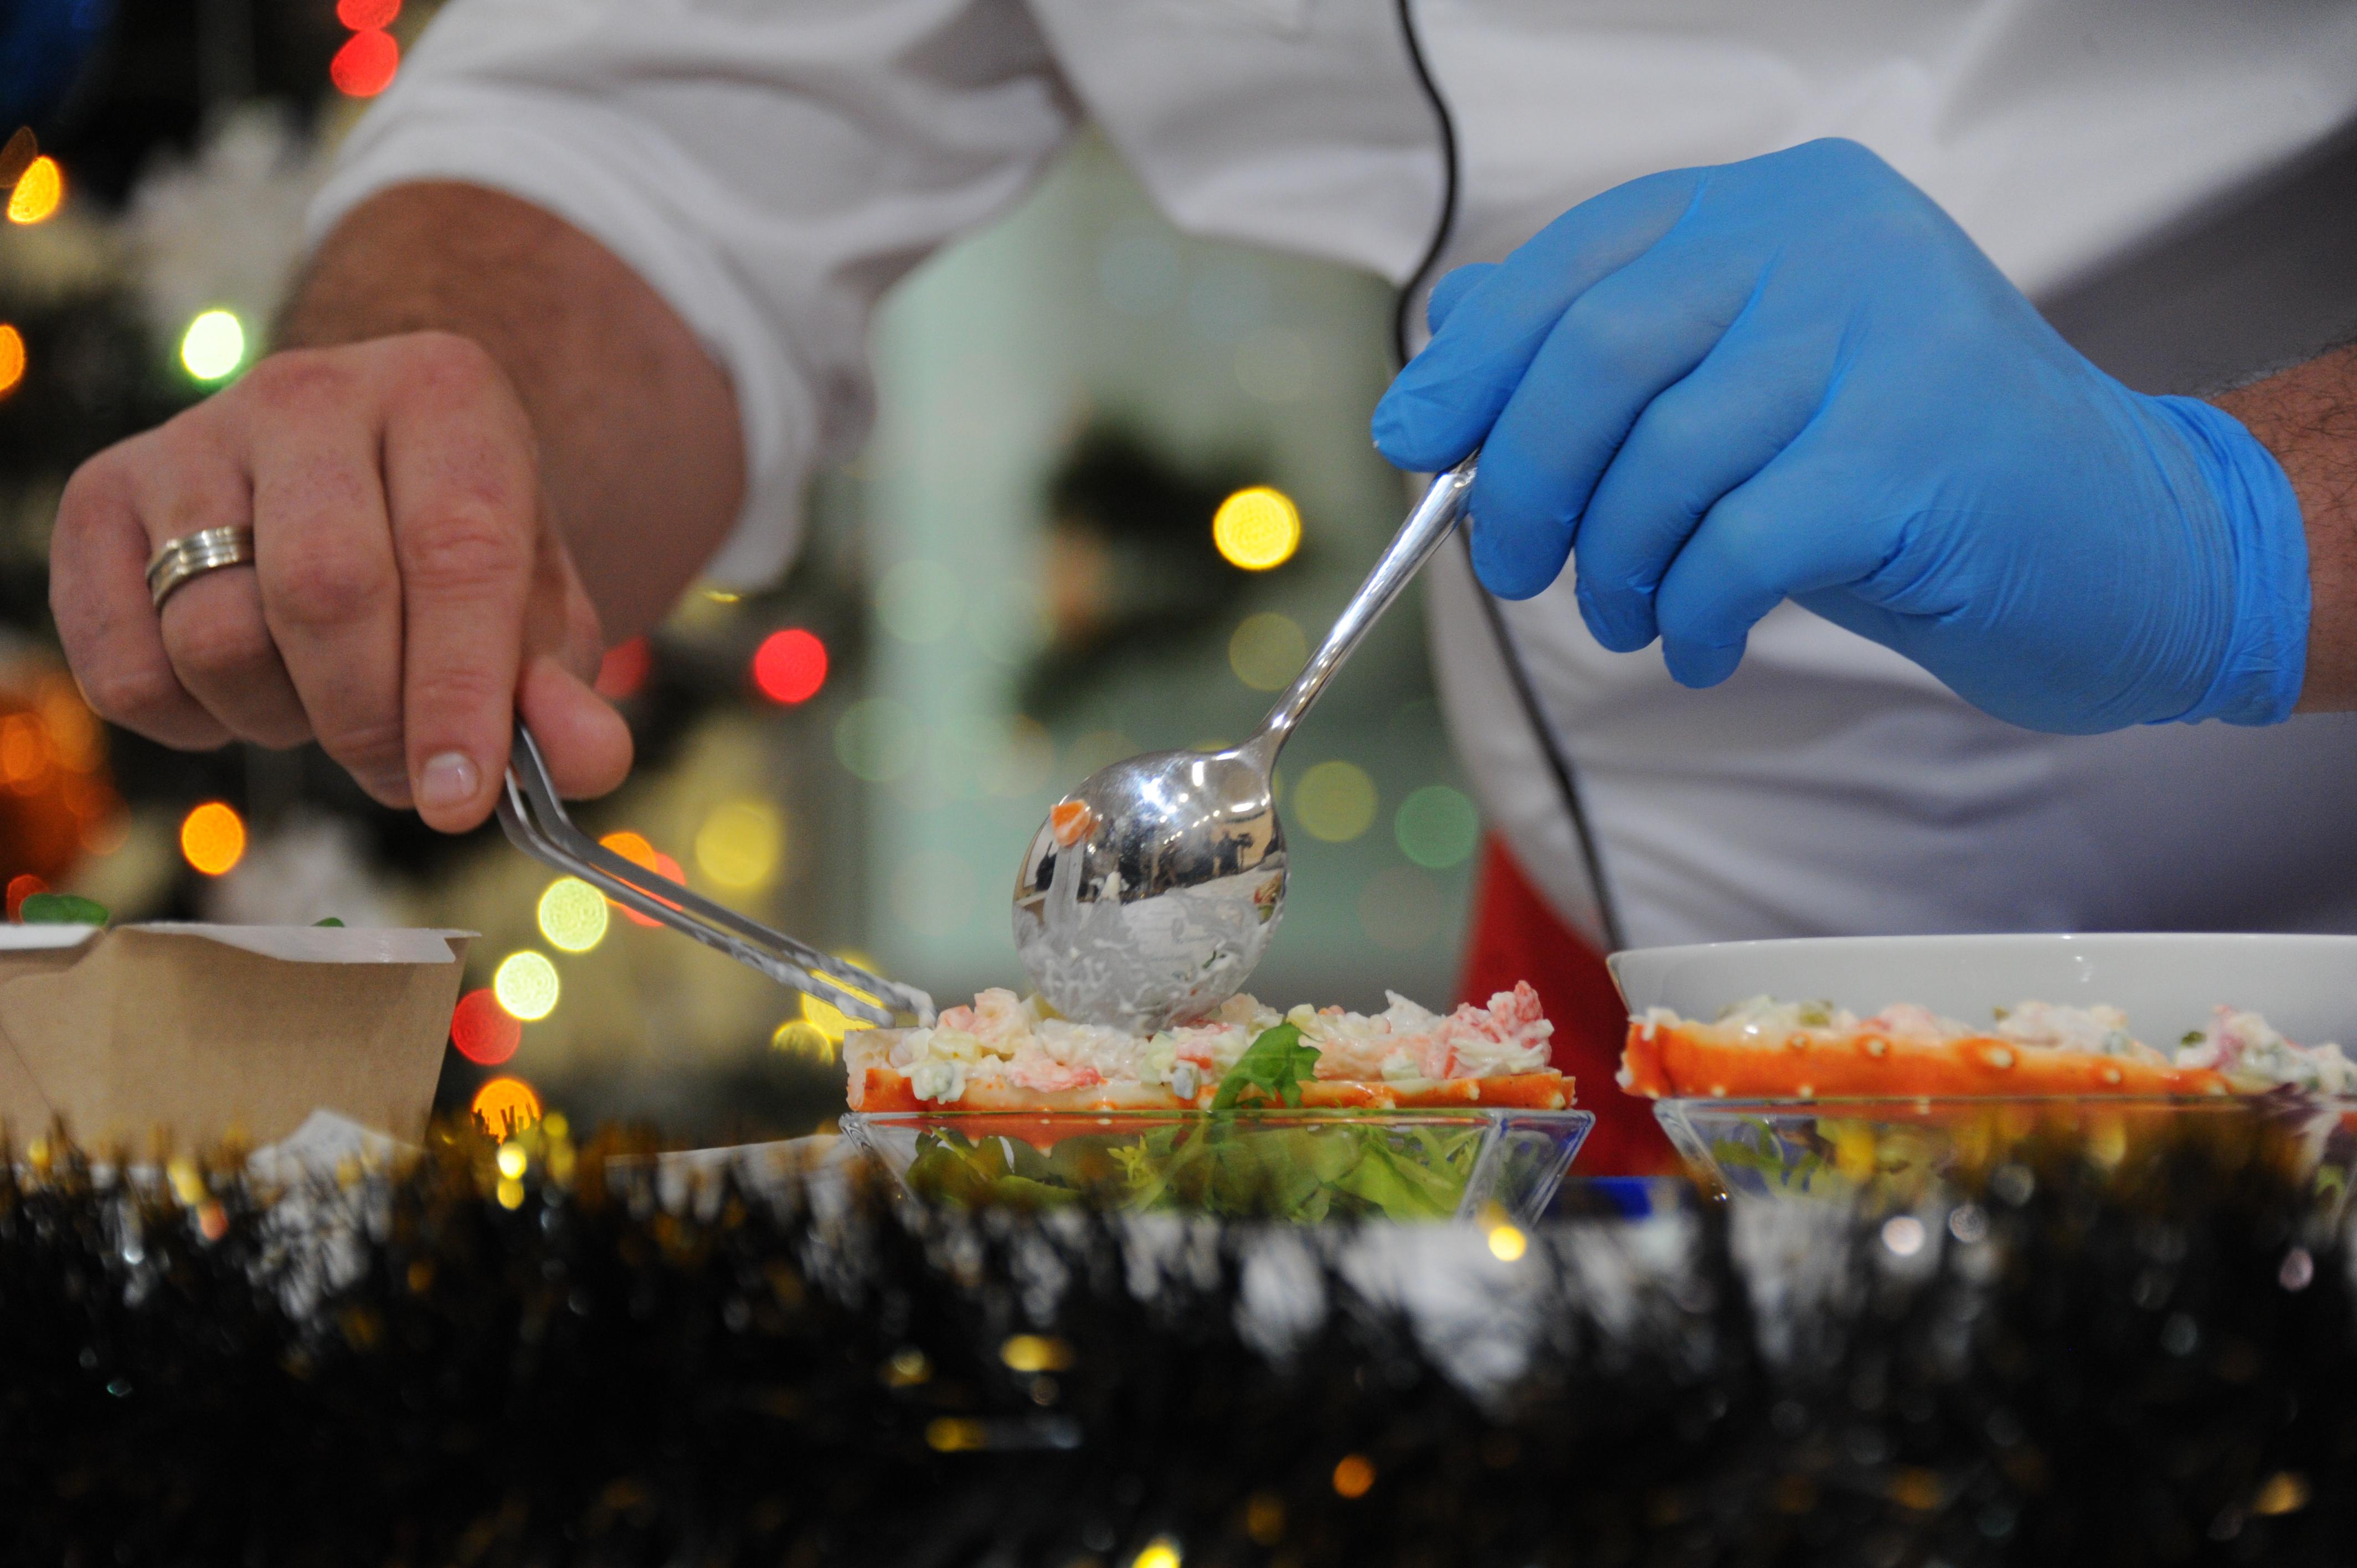 Кулинары рассказали, как приготовить слоеный рыбный салат за 15 минут